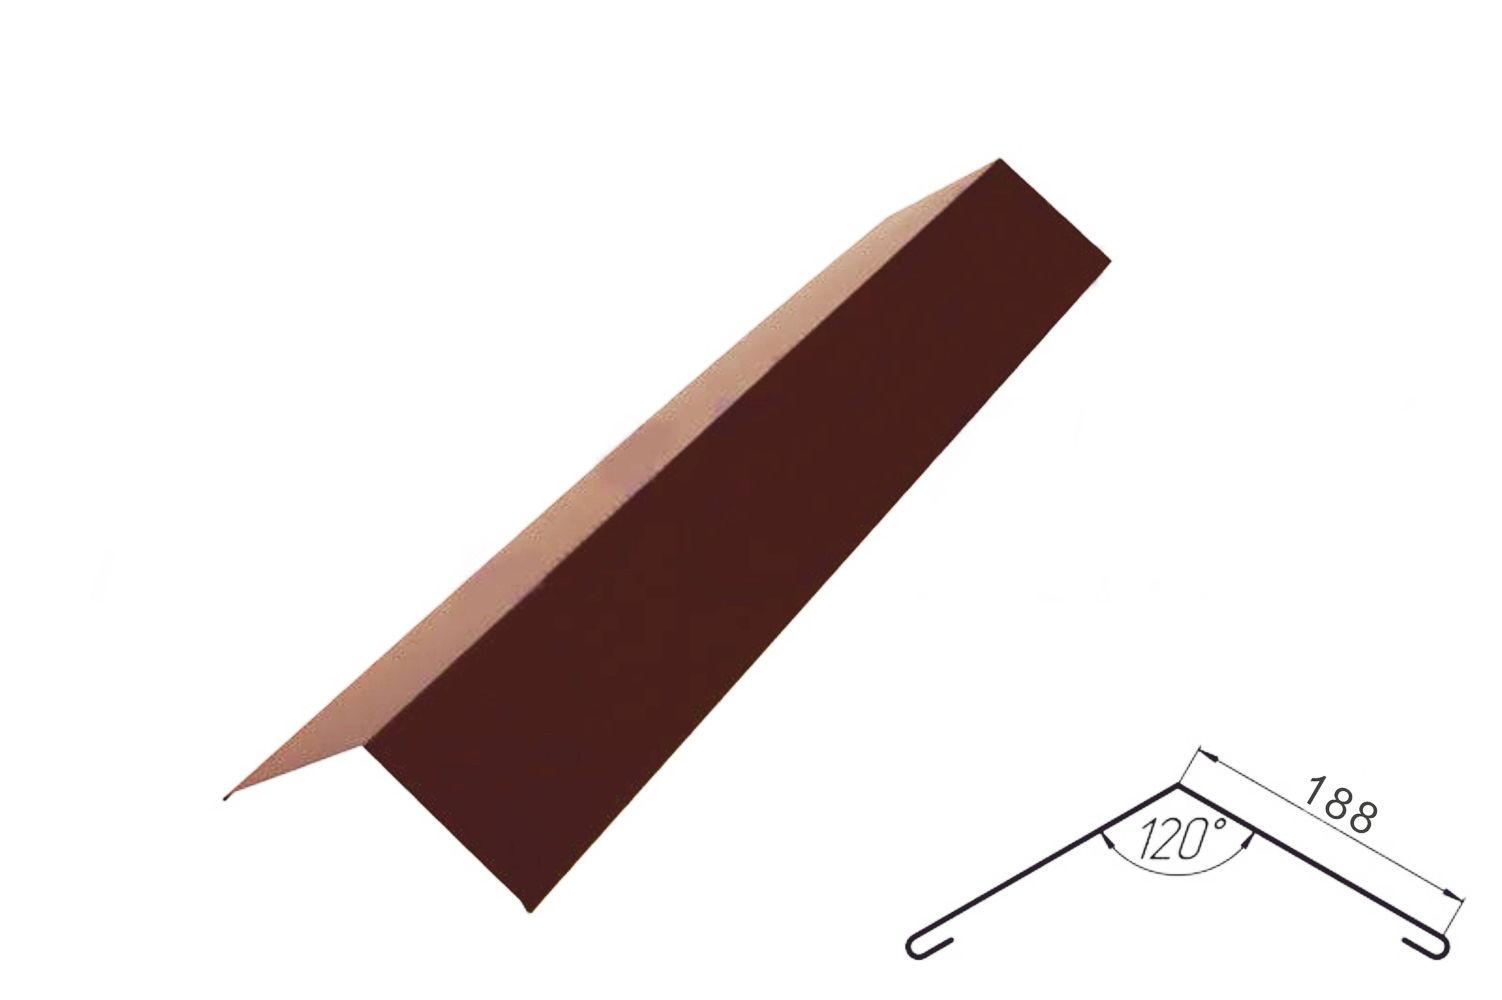 Как крепить оцинкованный конёк на шиферную крышу? - ответы 50